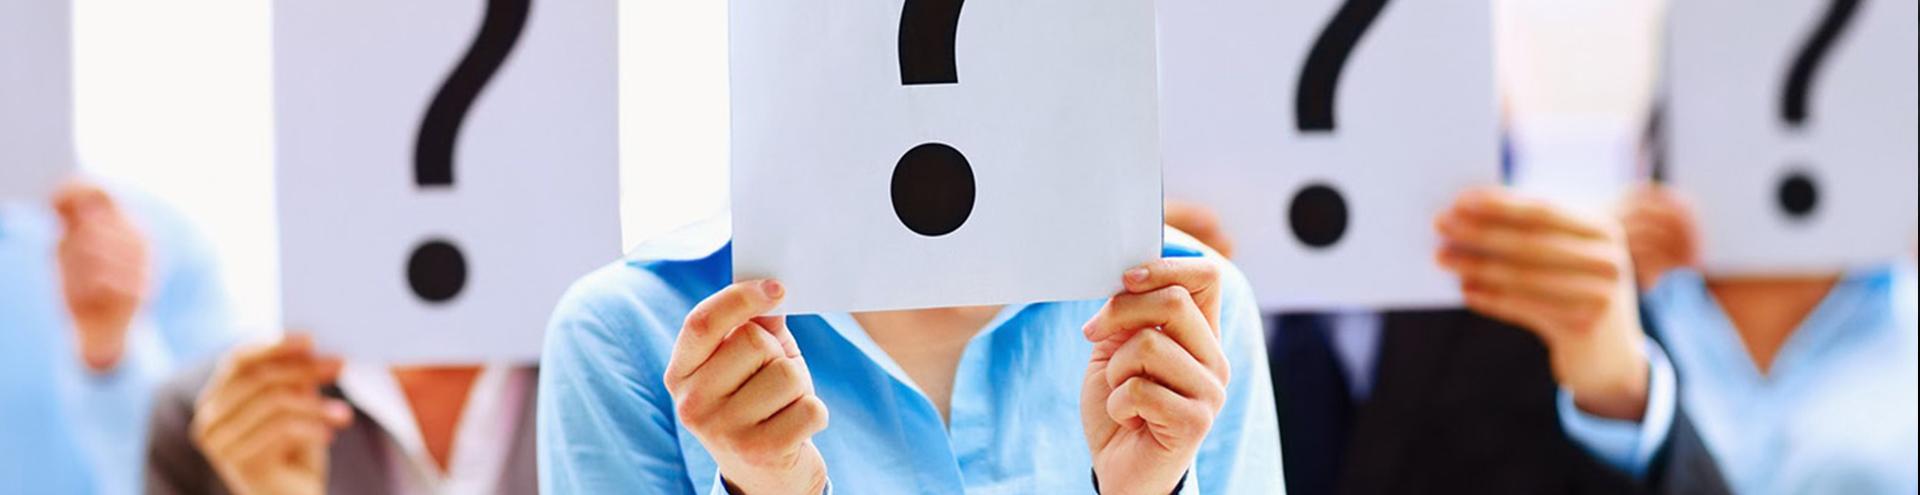 Задать вопрос юристу онлайн в Саратове